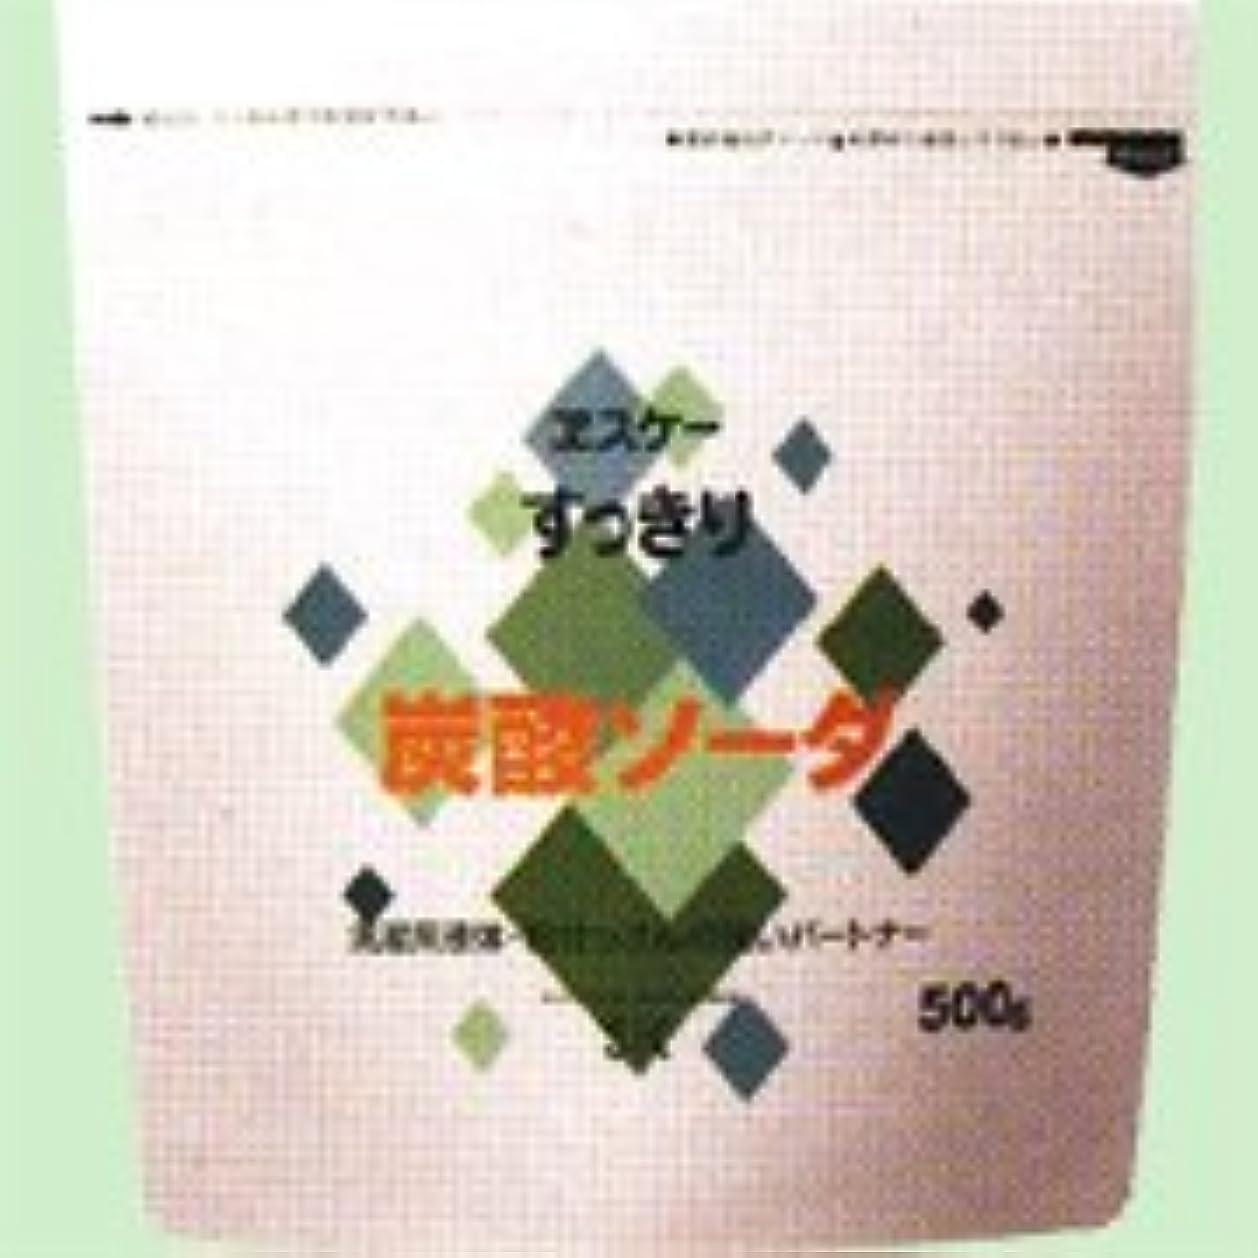 原始的な植生アナリストすっきり炭酸ソーダ 500g   エスケー石鹸